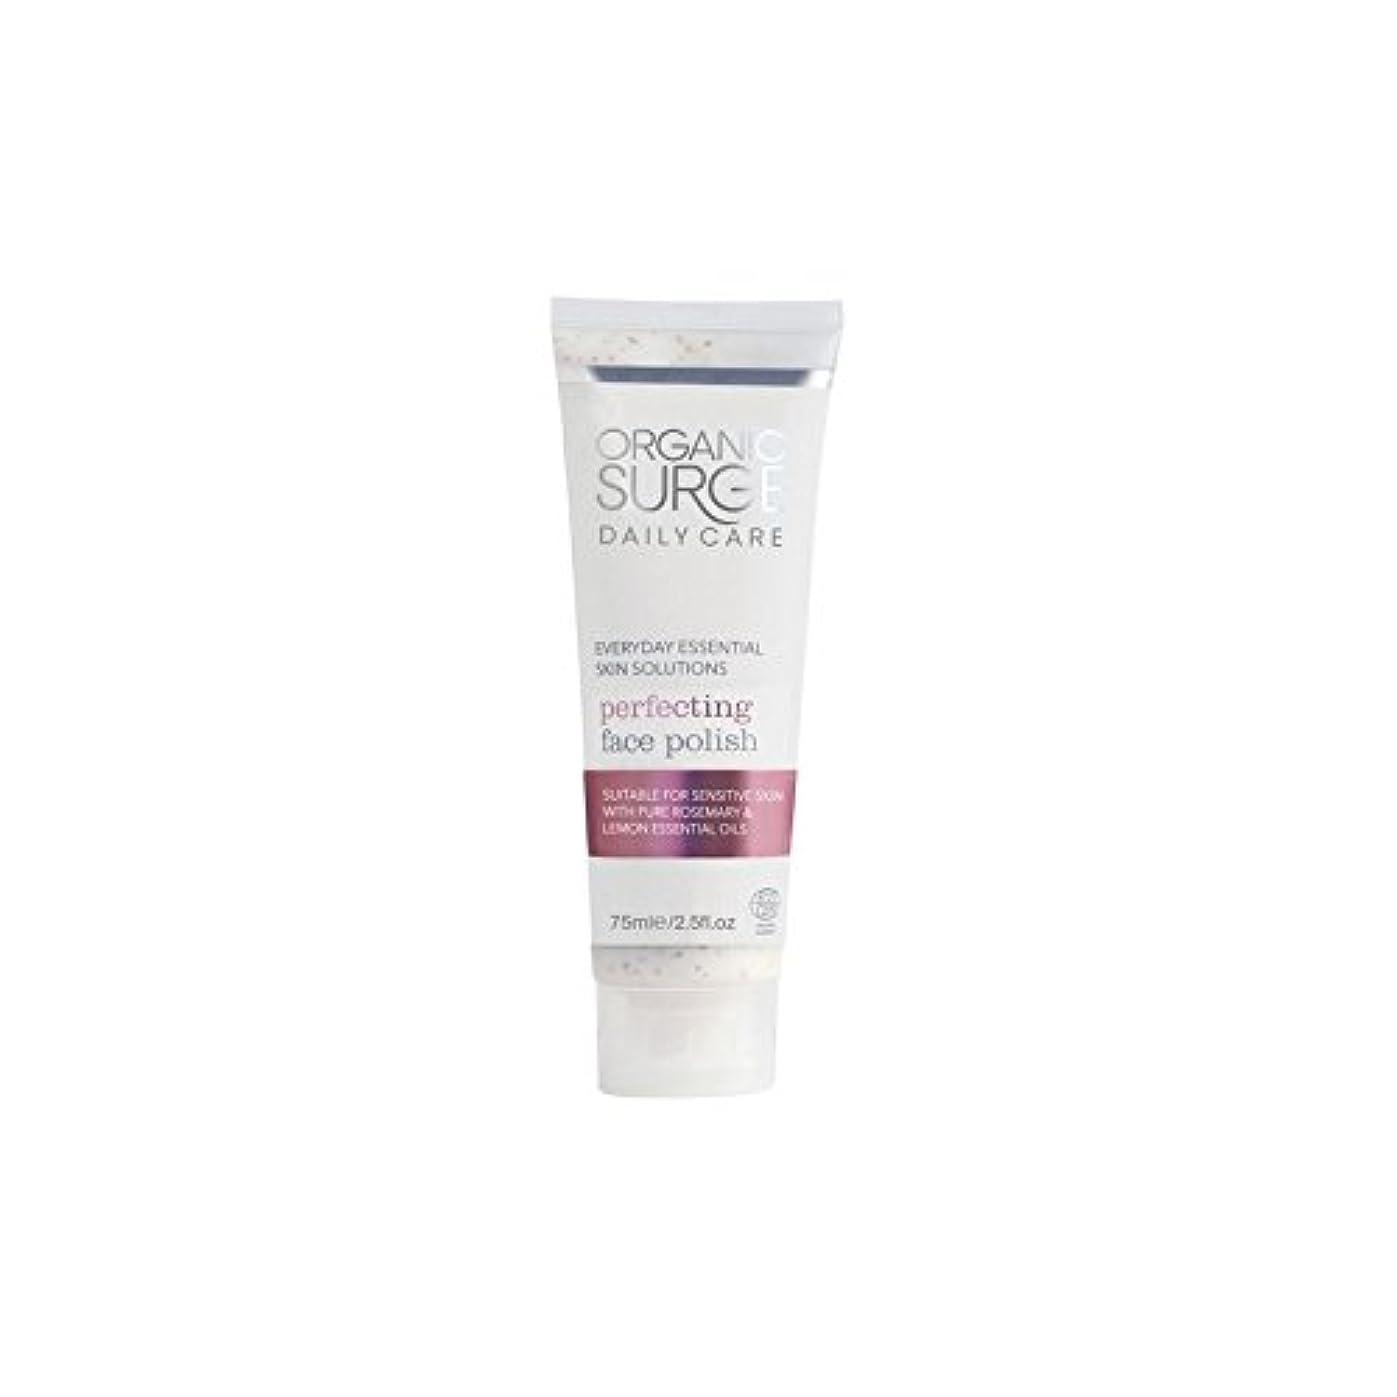 同情クリップ無知Organic Surge Daily Care Perfecting Face Polish (75ml) - 面研磨を完成有機サージ毎日のケア(75ミリリットル) [並行輸入品]